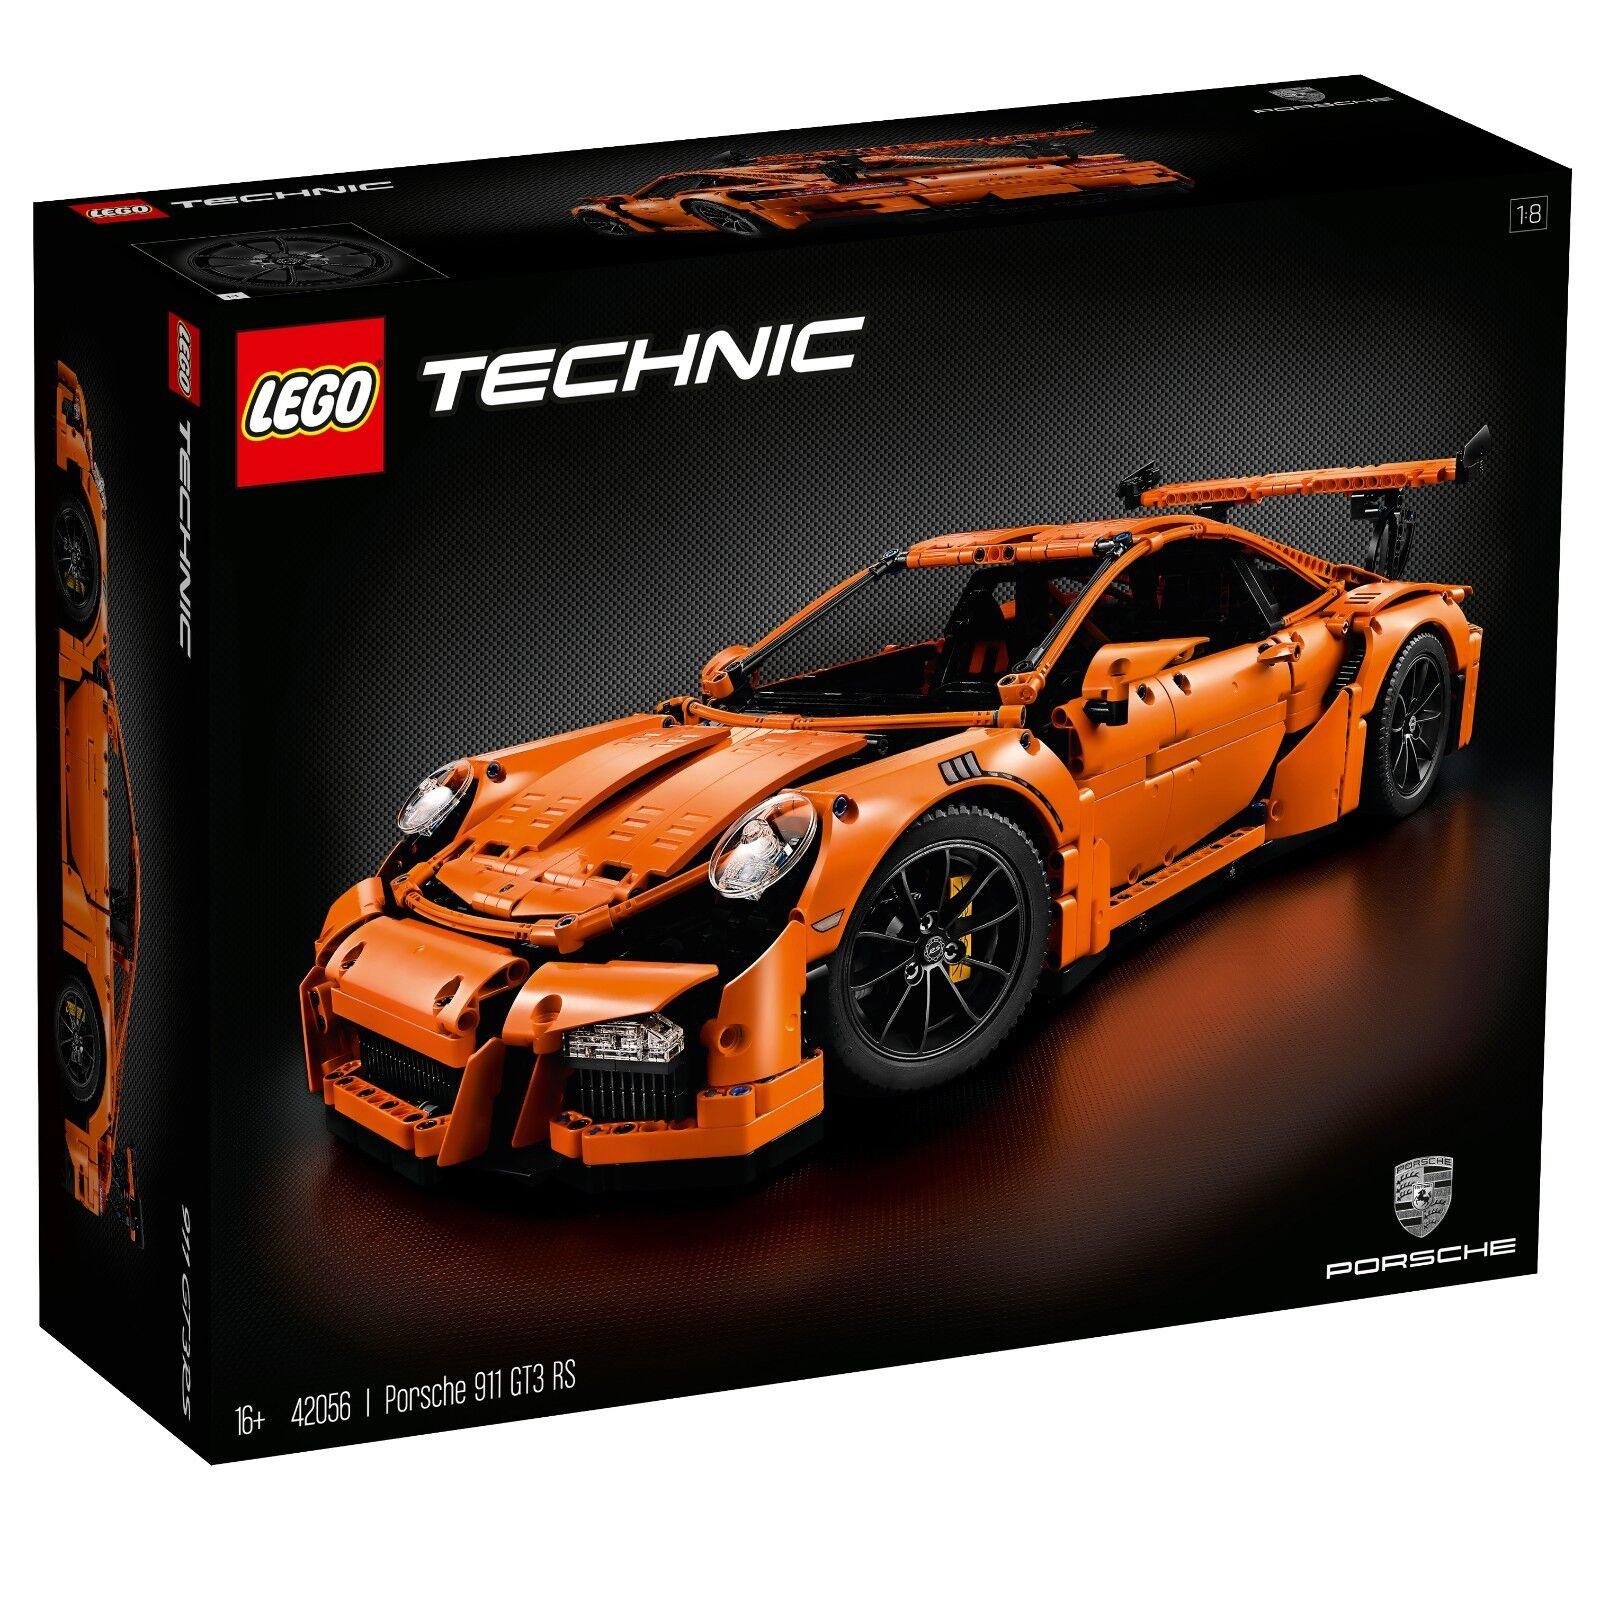 LEGO 42056 Technic PORSCHE 911 GT3 RS NEW NUOVO IN SCATOLA SIGILLATA SPEDIZIONE IMMEDIATA